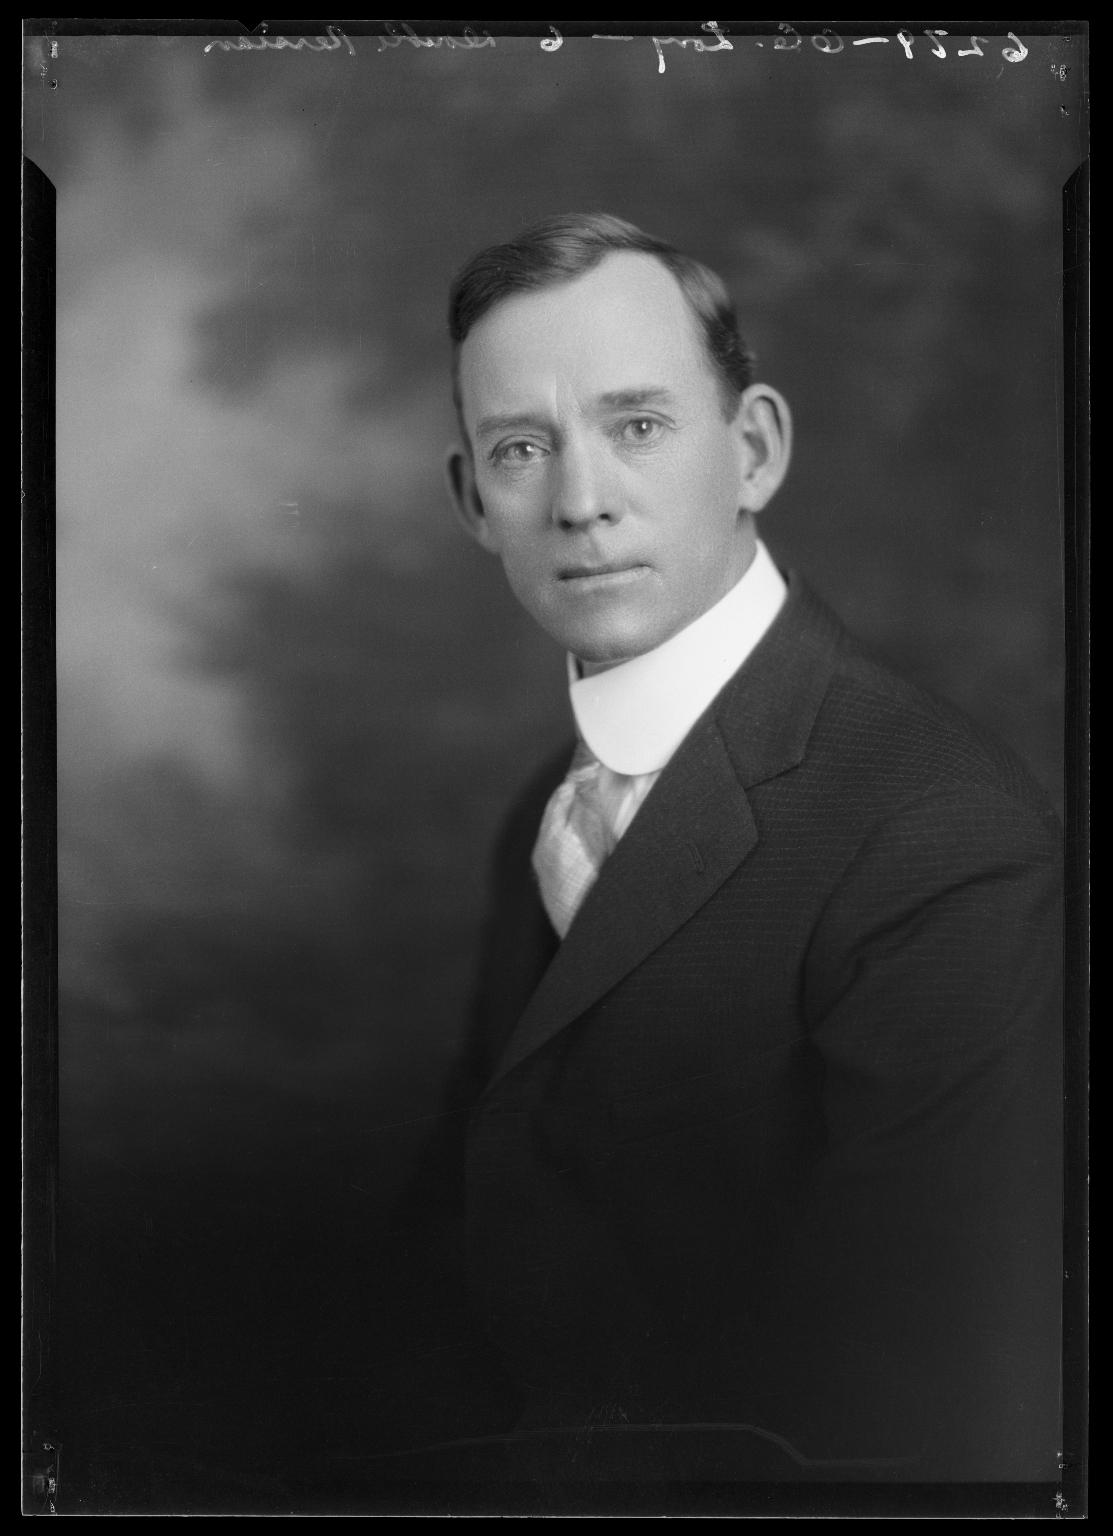 Portrait of O. E. Long